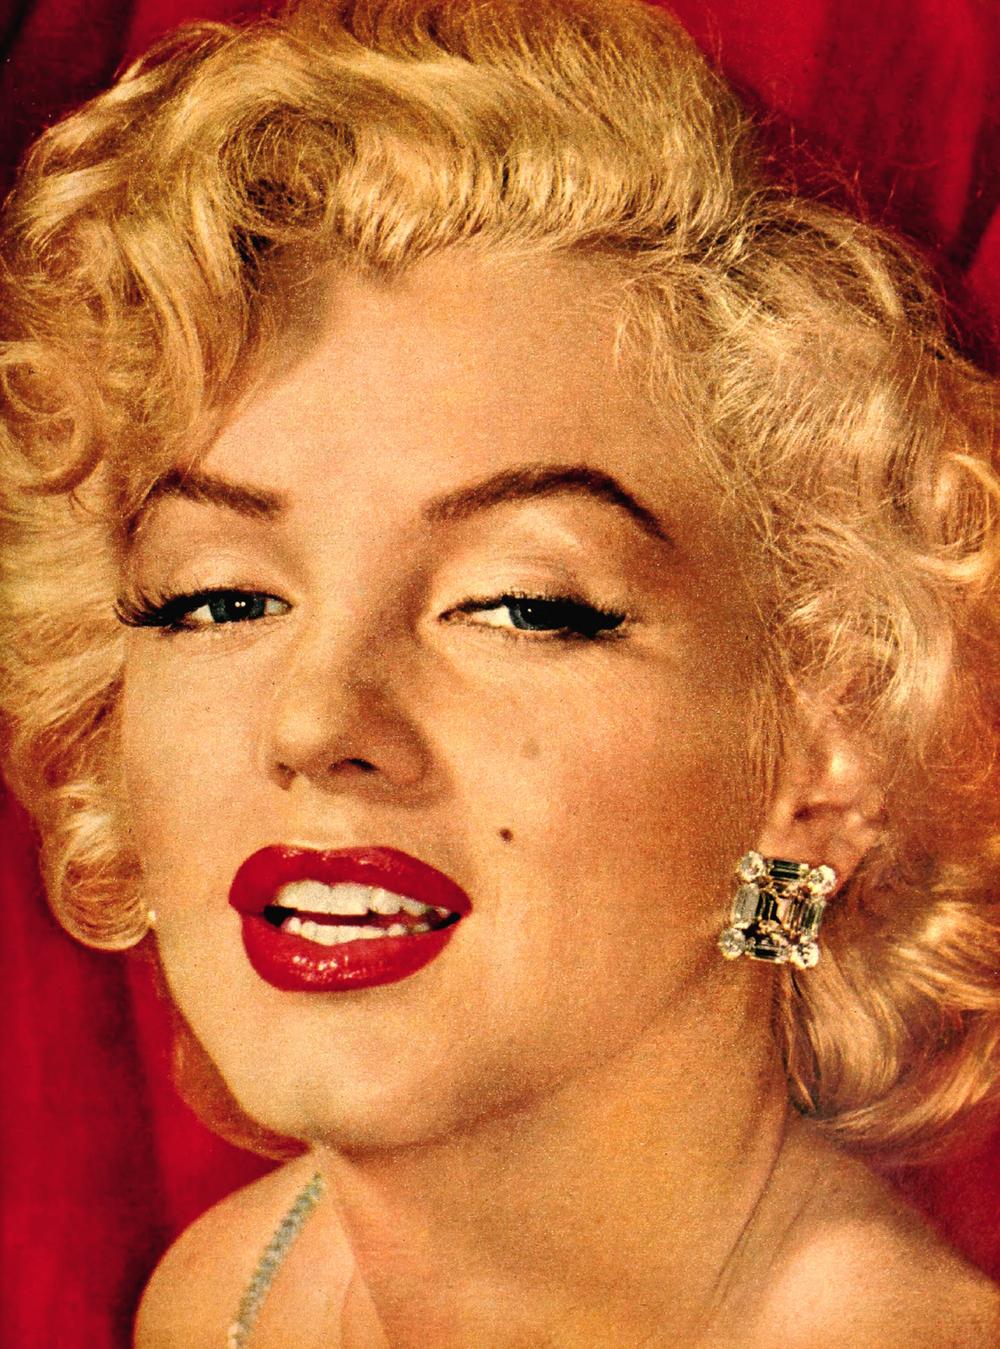 Marilyn_Monroe_1961.jpg